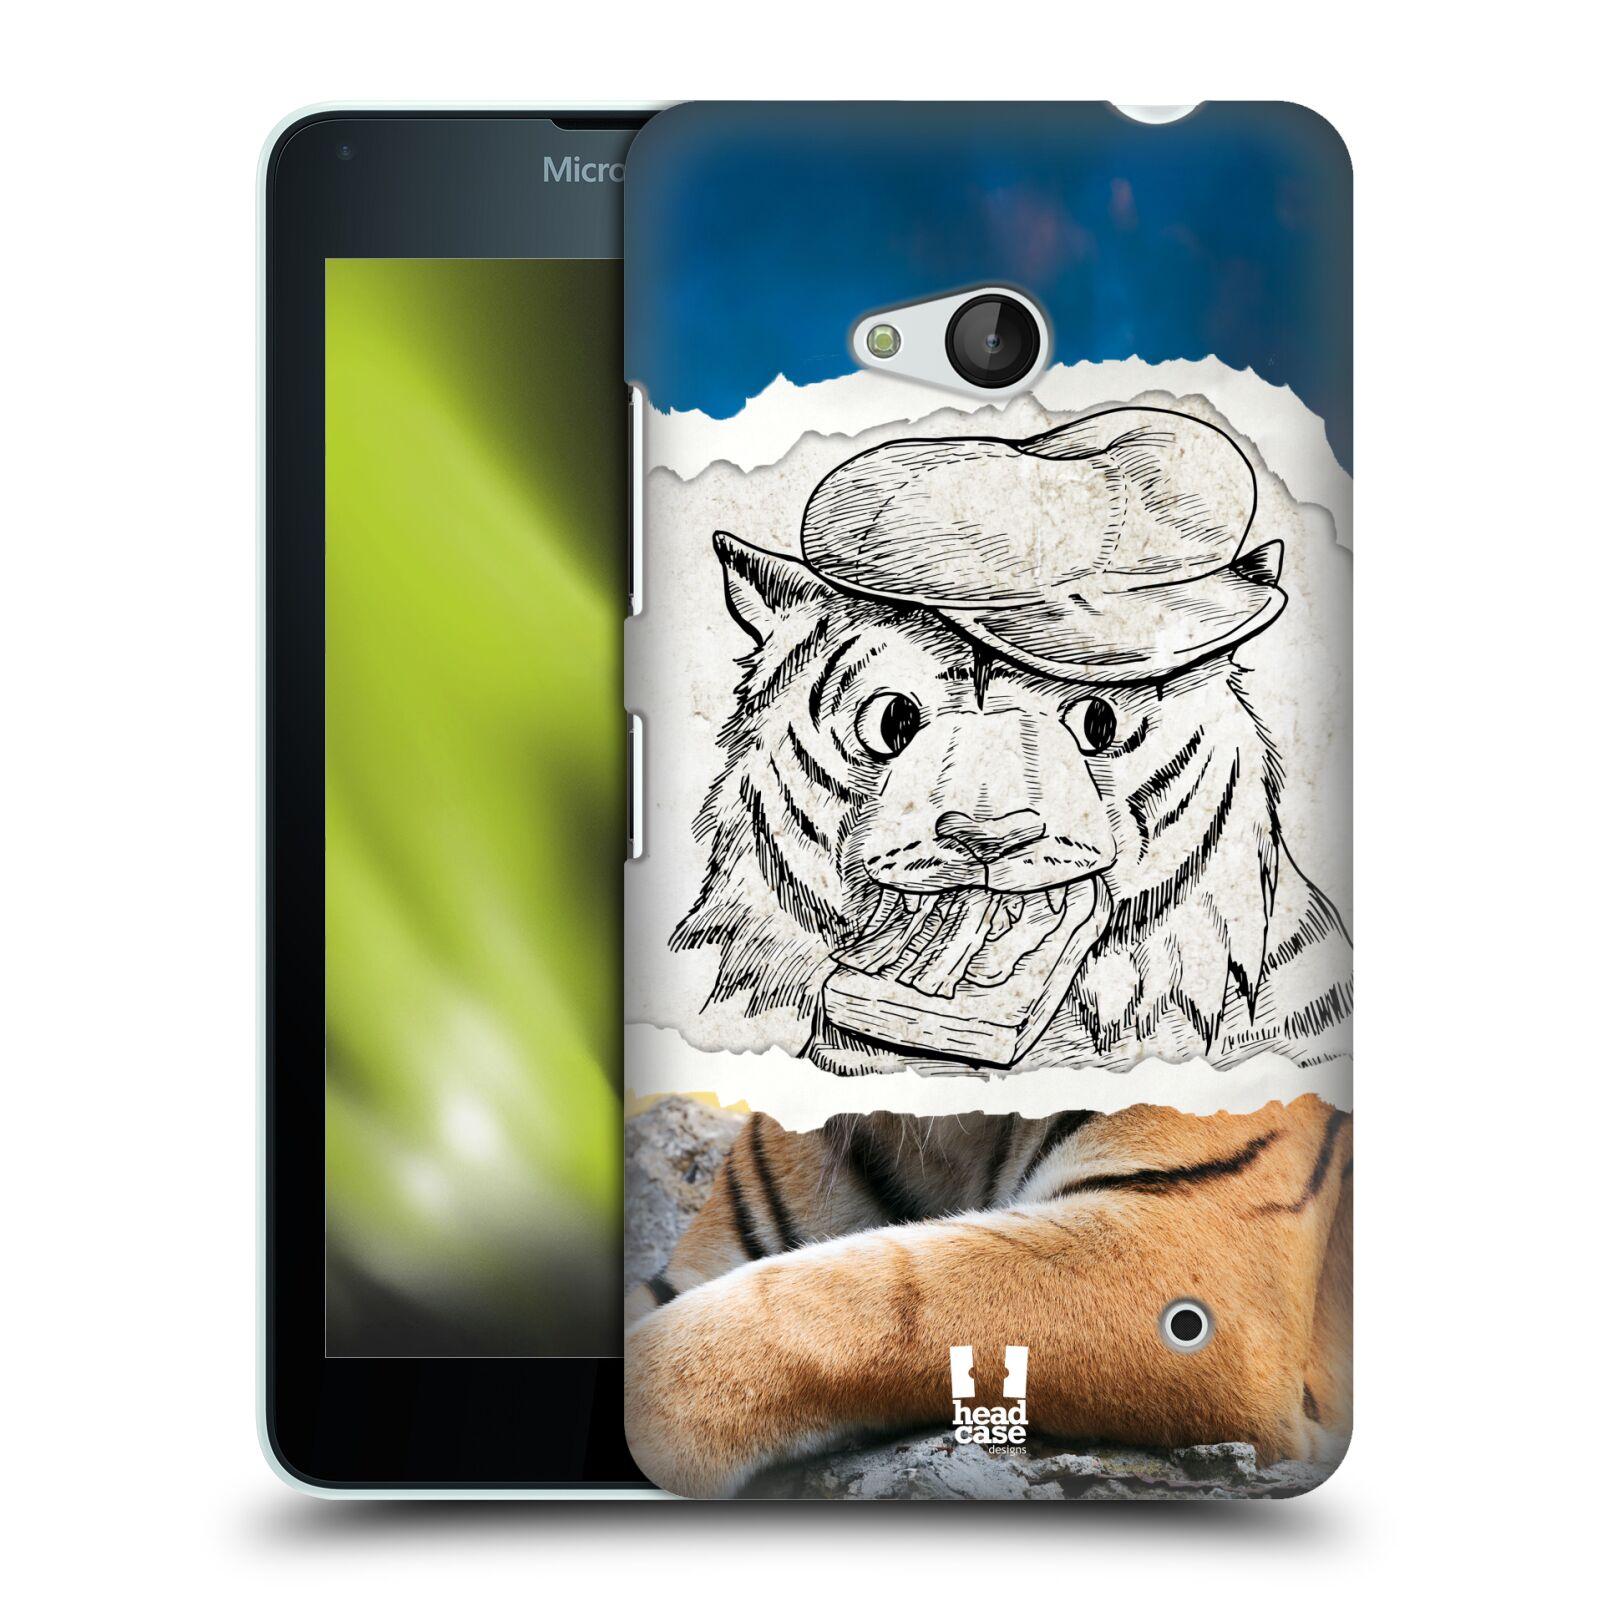 HEAD CASE plastový obal na mobil Nokia Lumia 640 vzor zvířata koláž tygr fešák